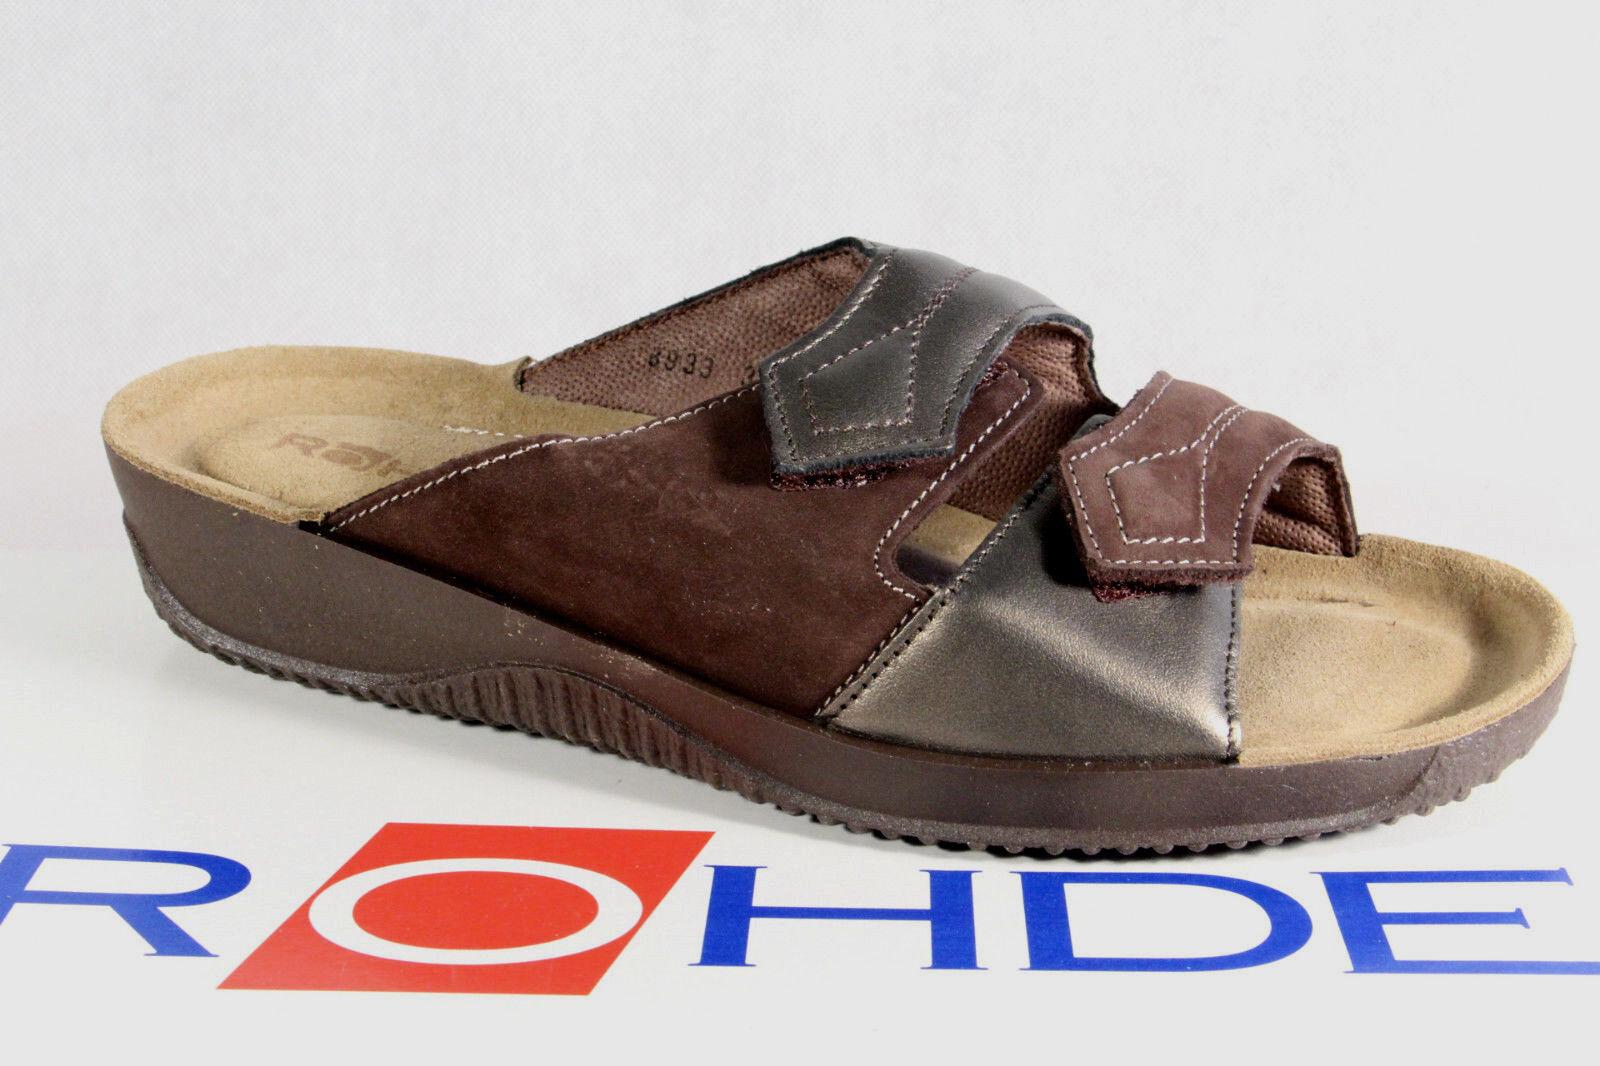 Rohde Zapato abierto, sandalias zapatillas de casa Pantuflas Marrón Ancho F 1942